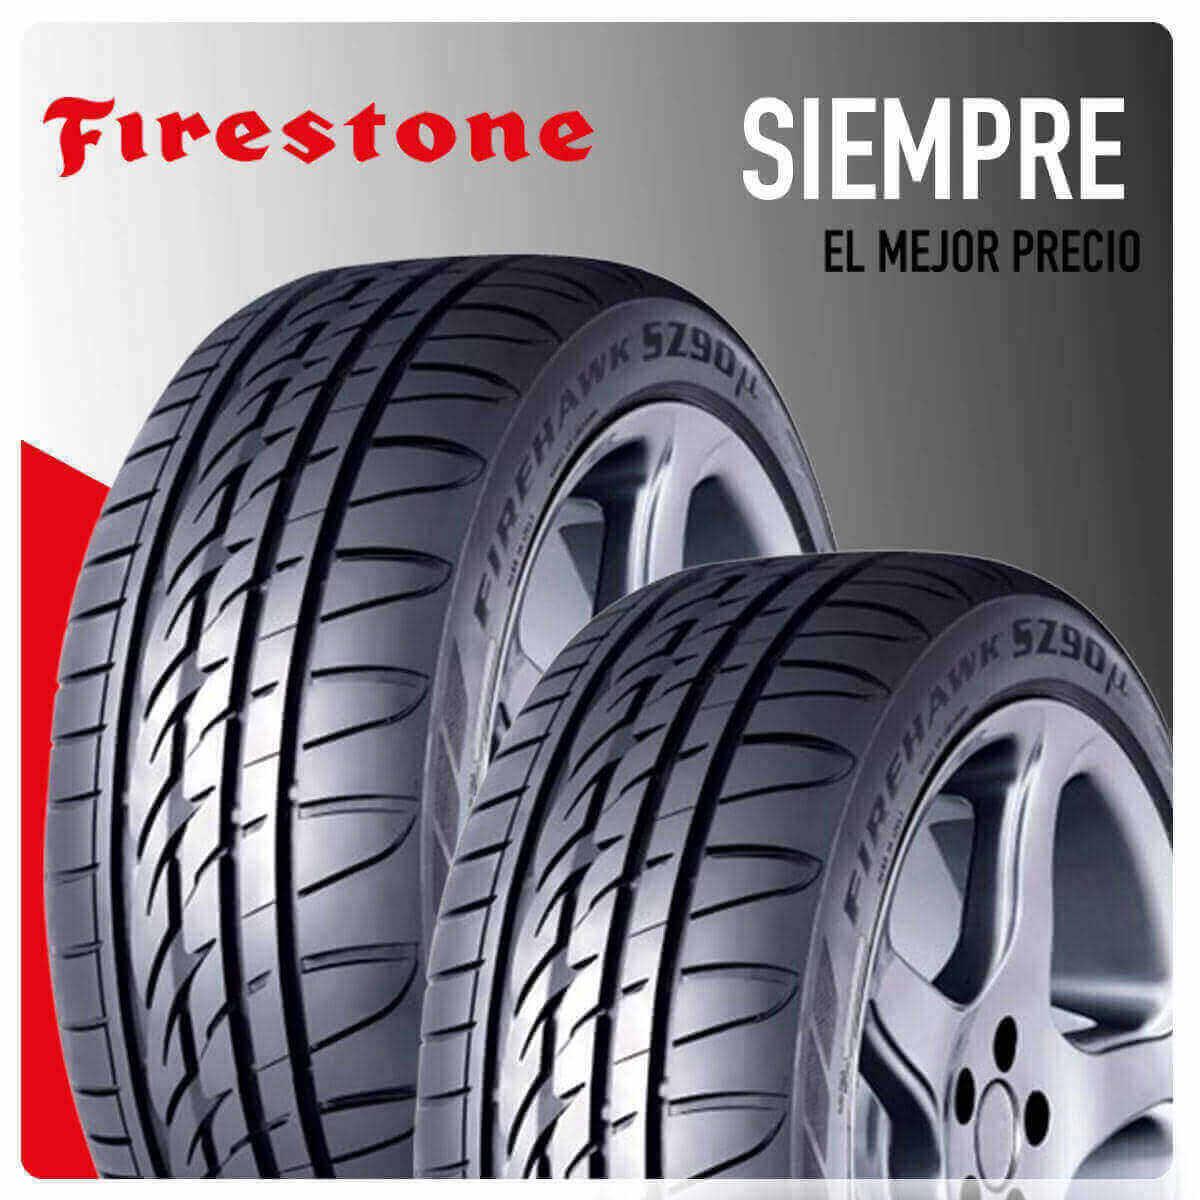 Comprar neumáticos Firestone en Madrid